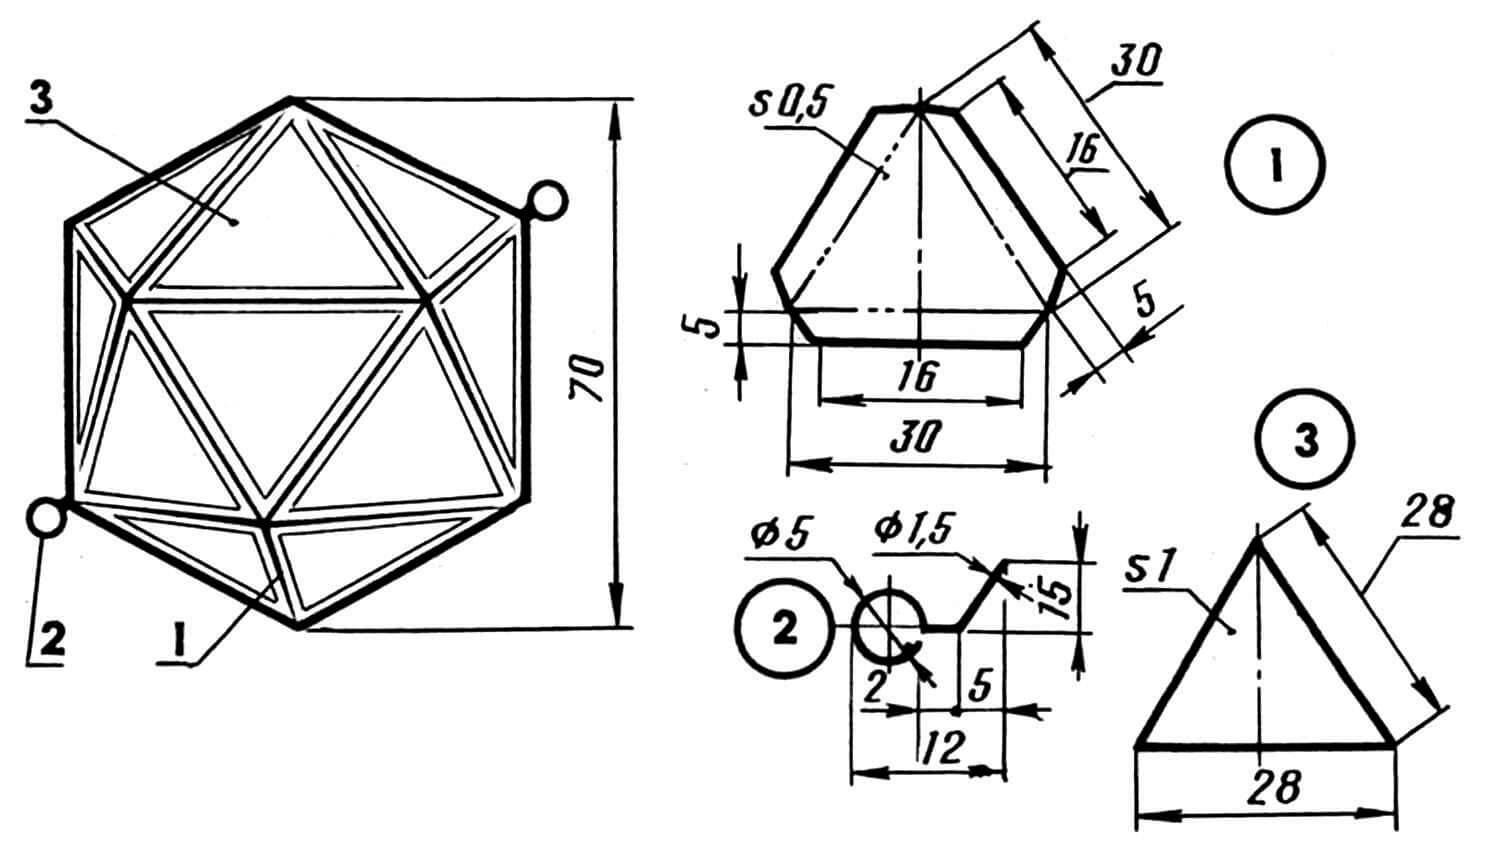 Зеркальный многогранник: 1— стальная пластина, 2 — ушко (проволока), 3 — зеркало.